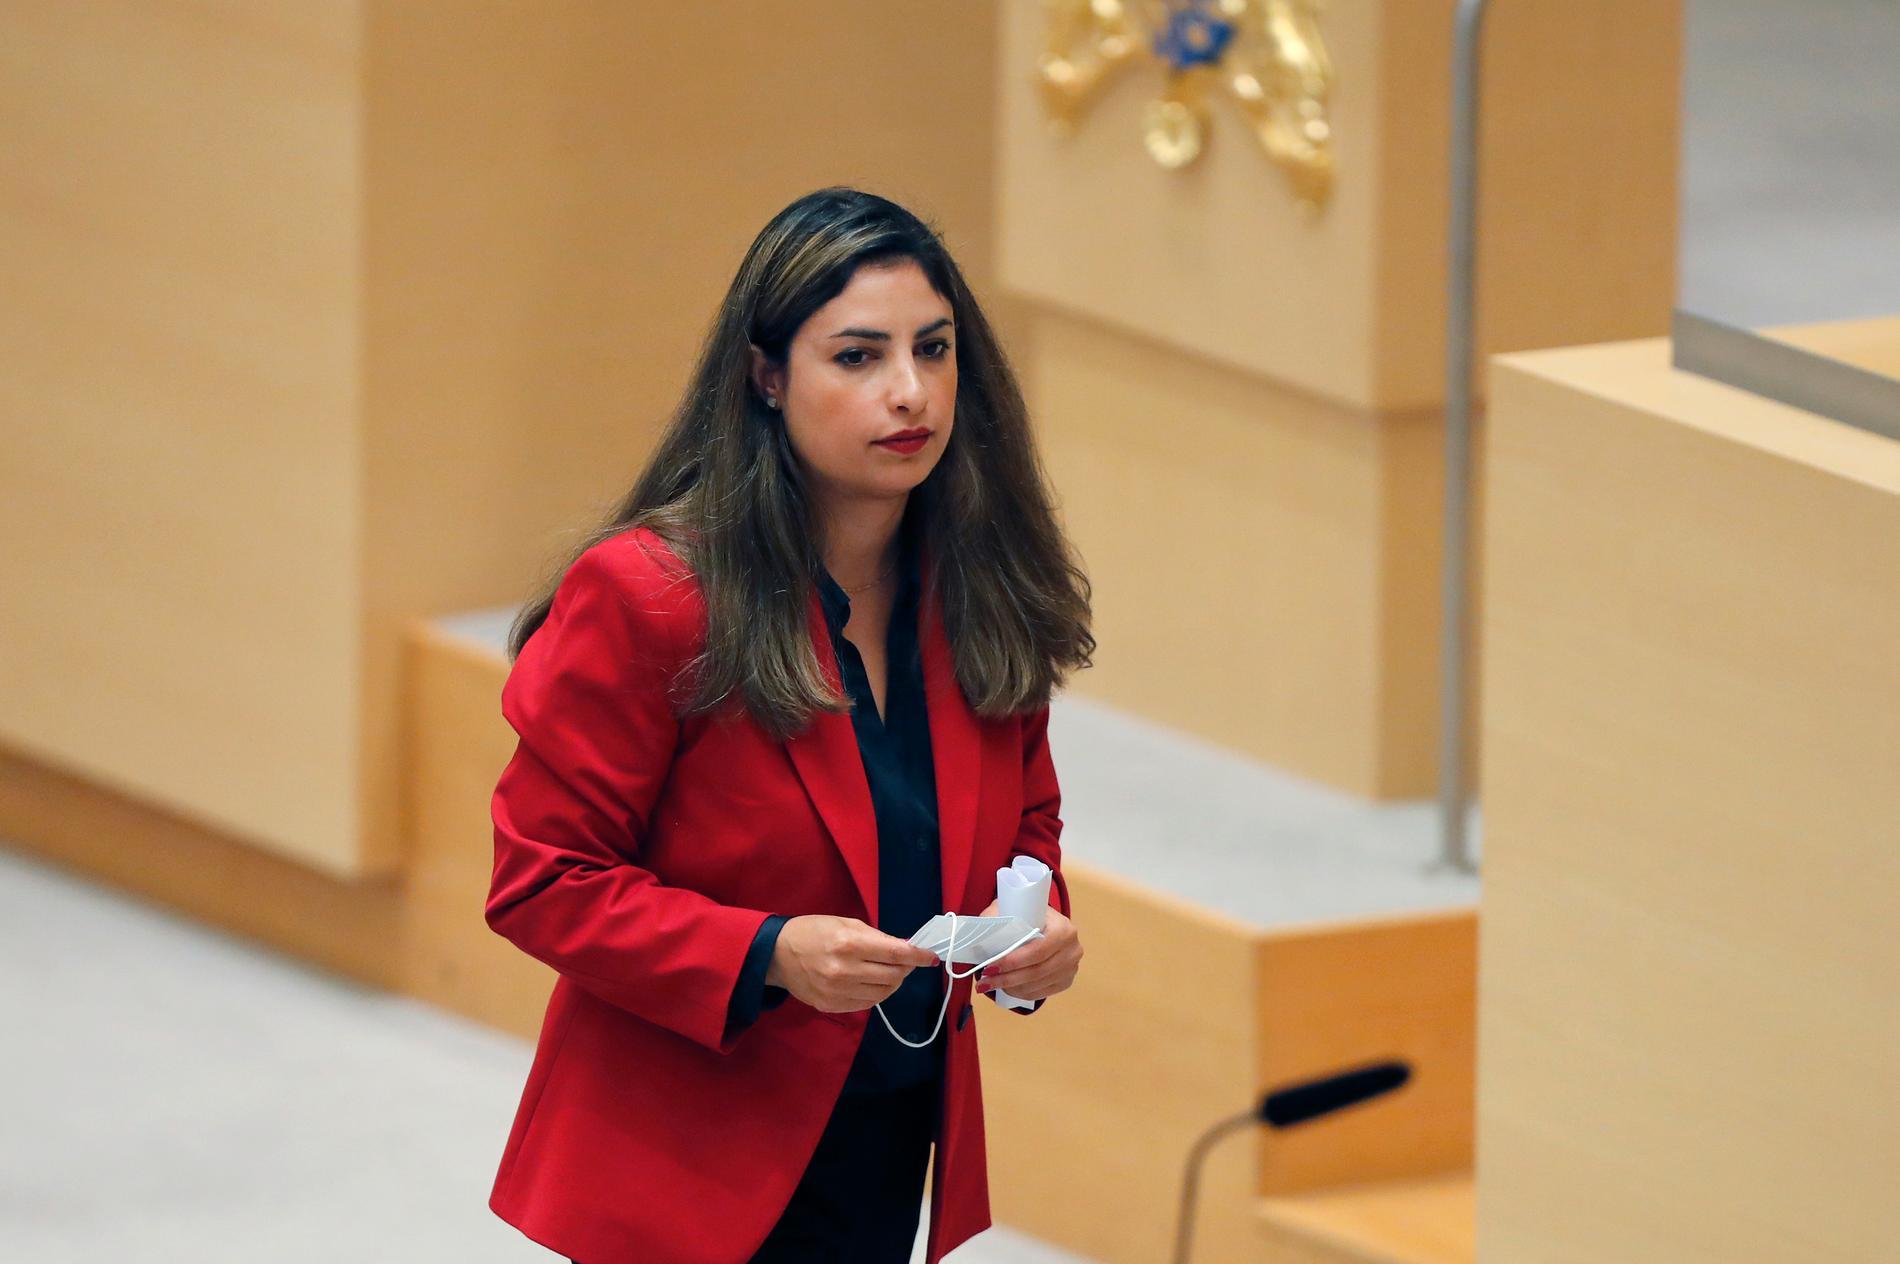 Vänsterpartiets partiledare Nooshi Dadgostar.